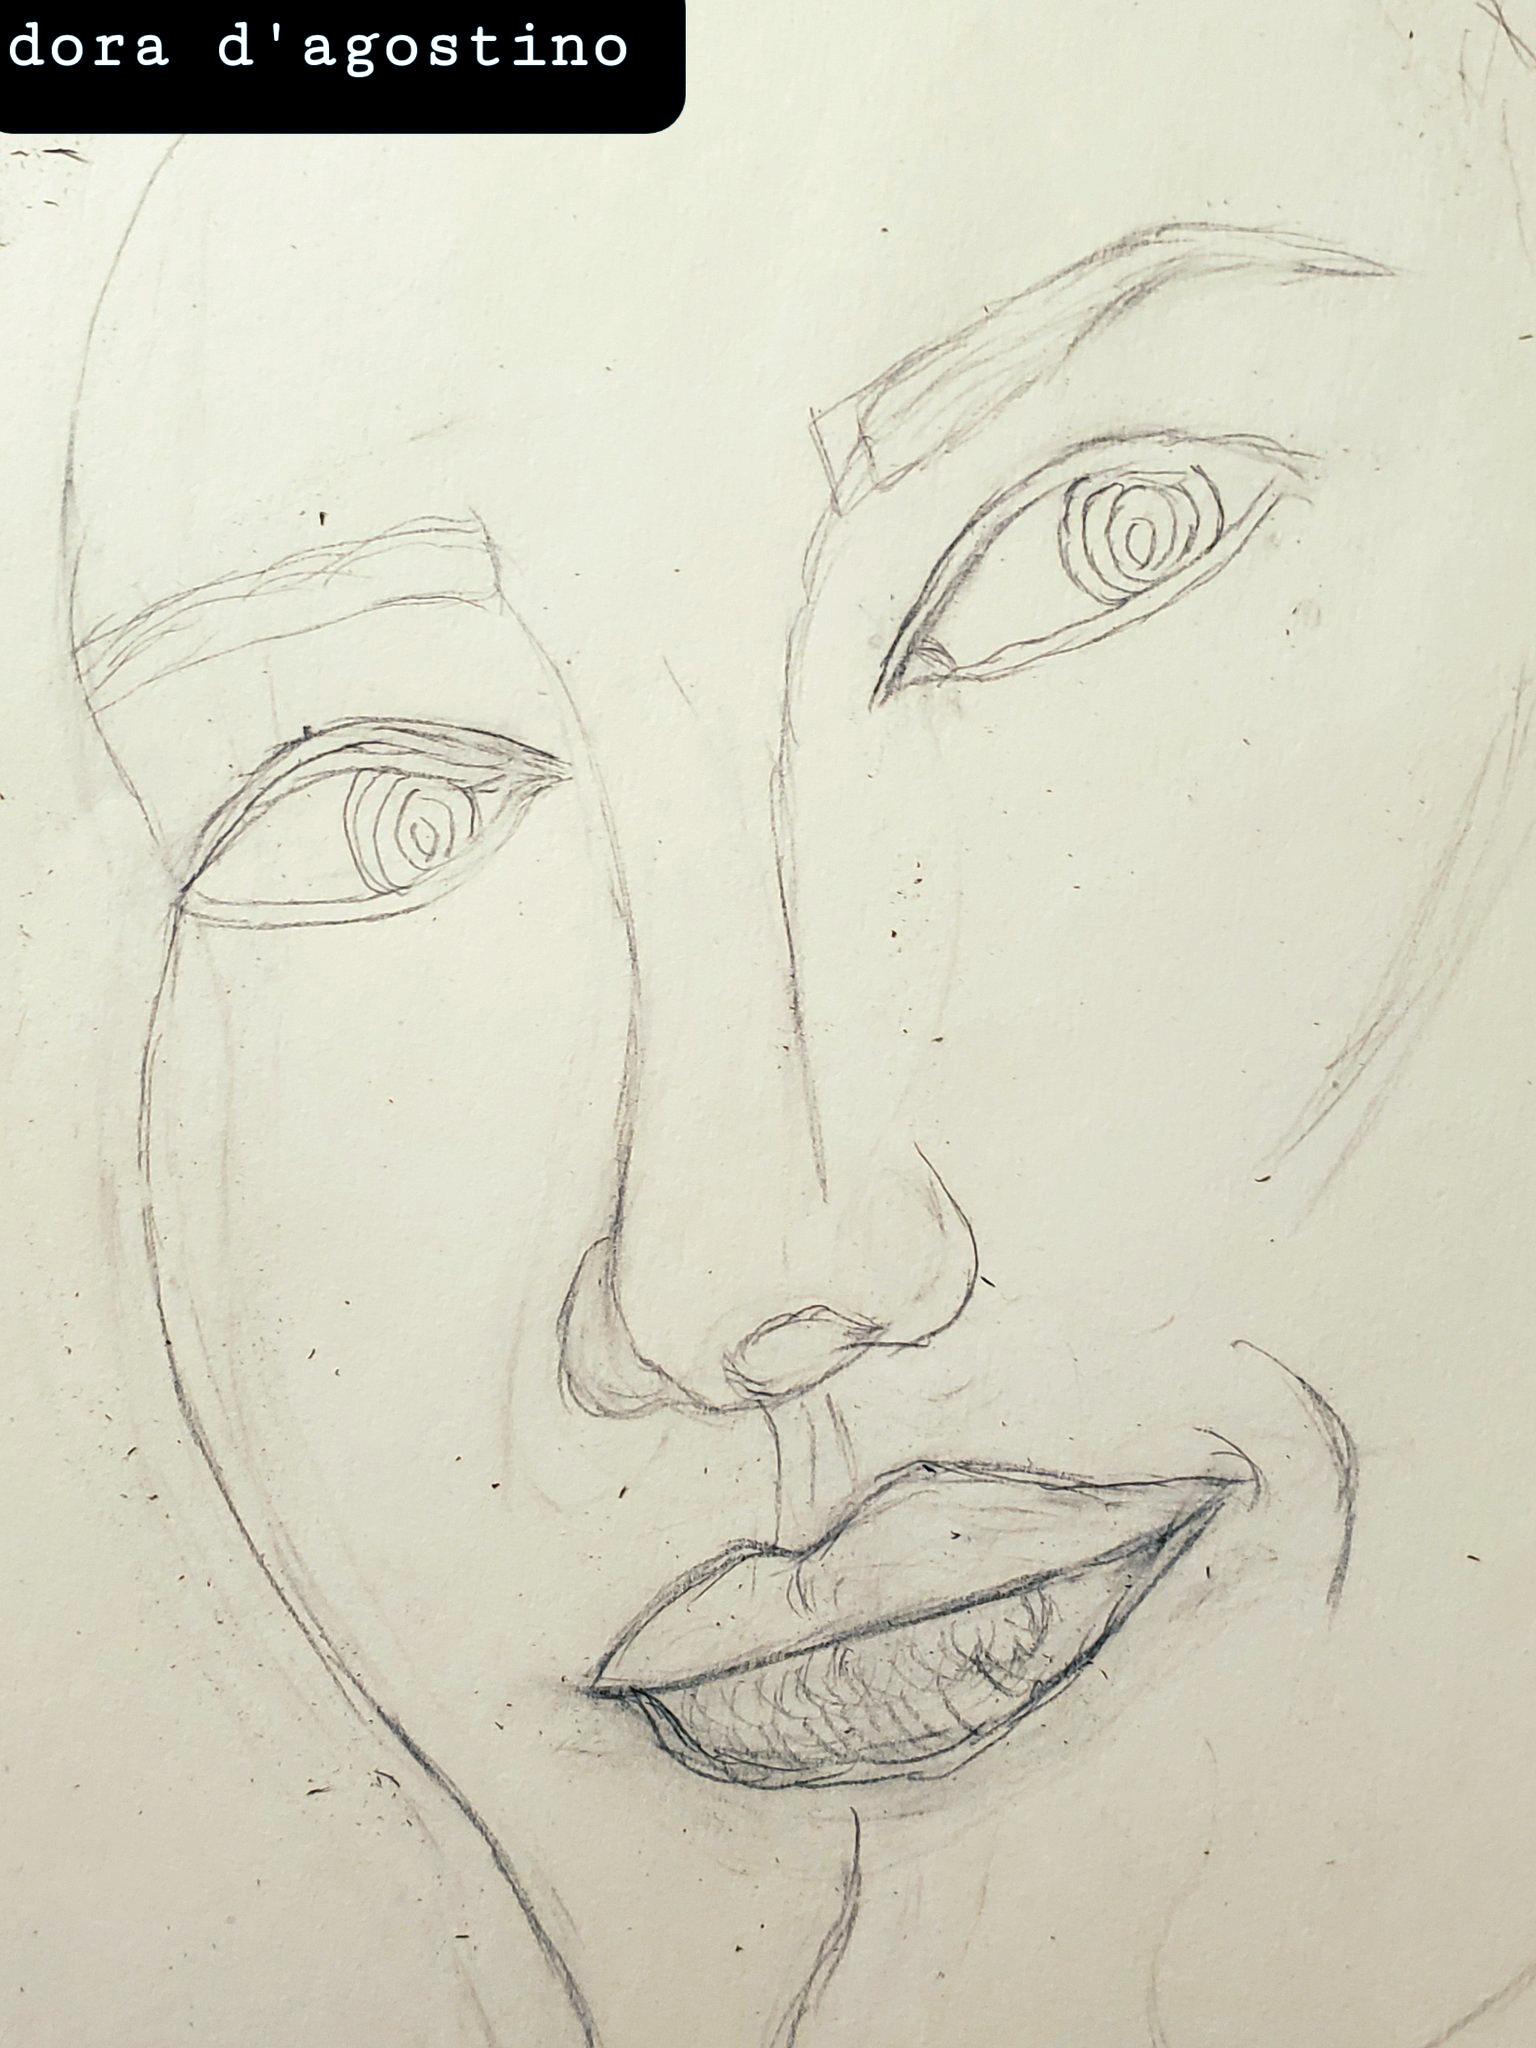 David Boles, as drawn by Dora D'Agostino on 01-29-21